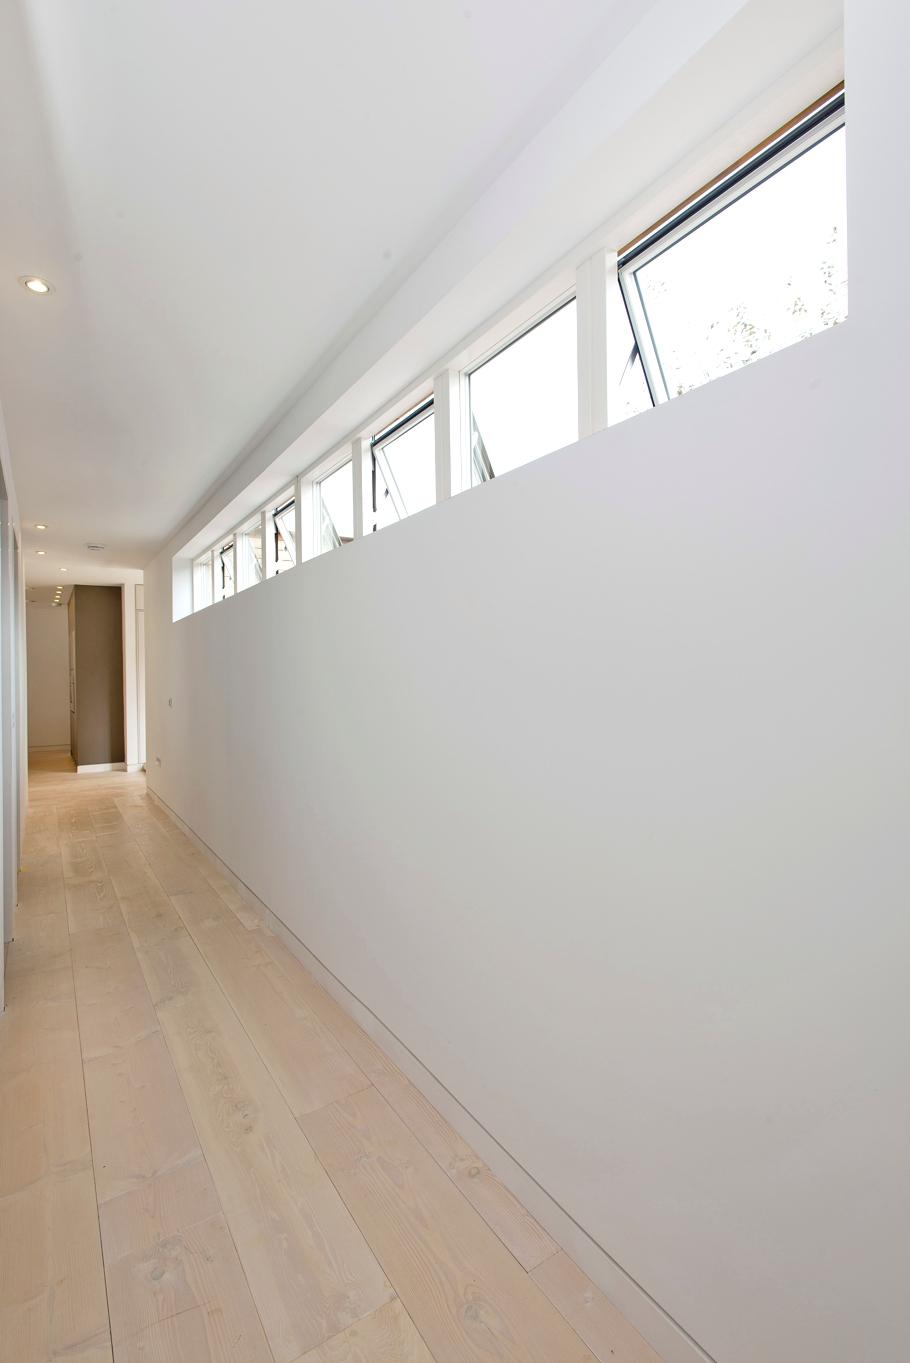 contemporary-home-designs-norfolk-england-adelto-04